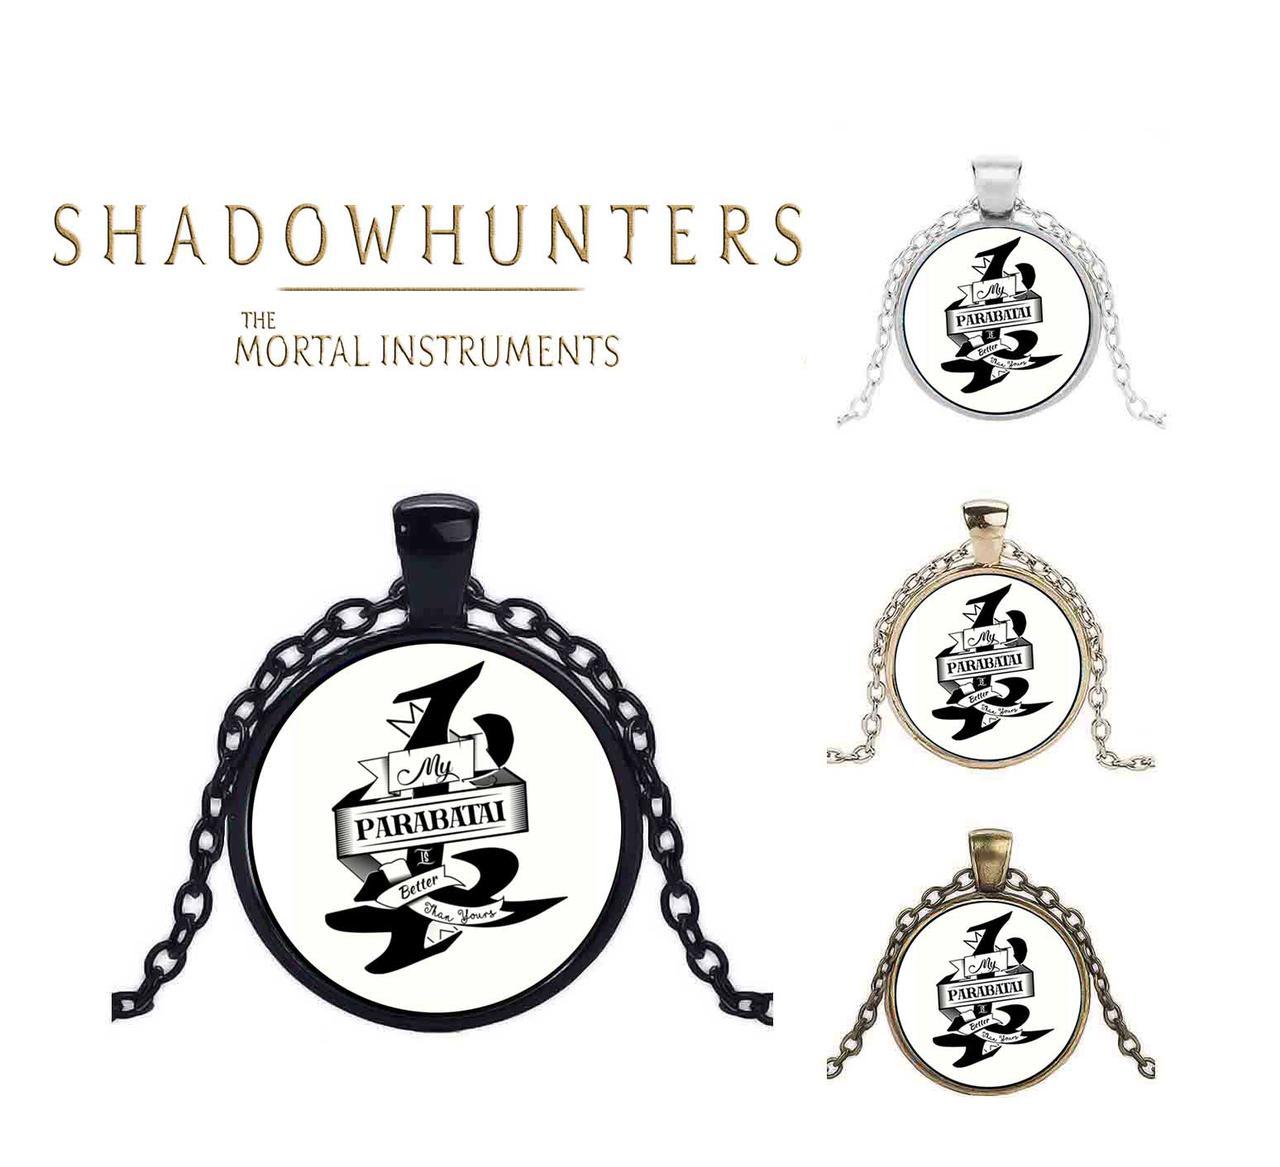 Кулон Сумеречные охотники Парабатай Shadowhunters